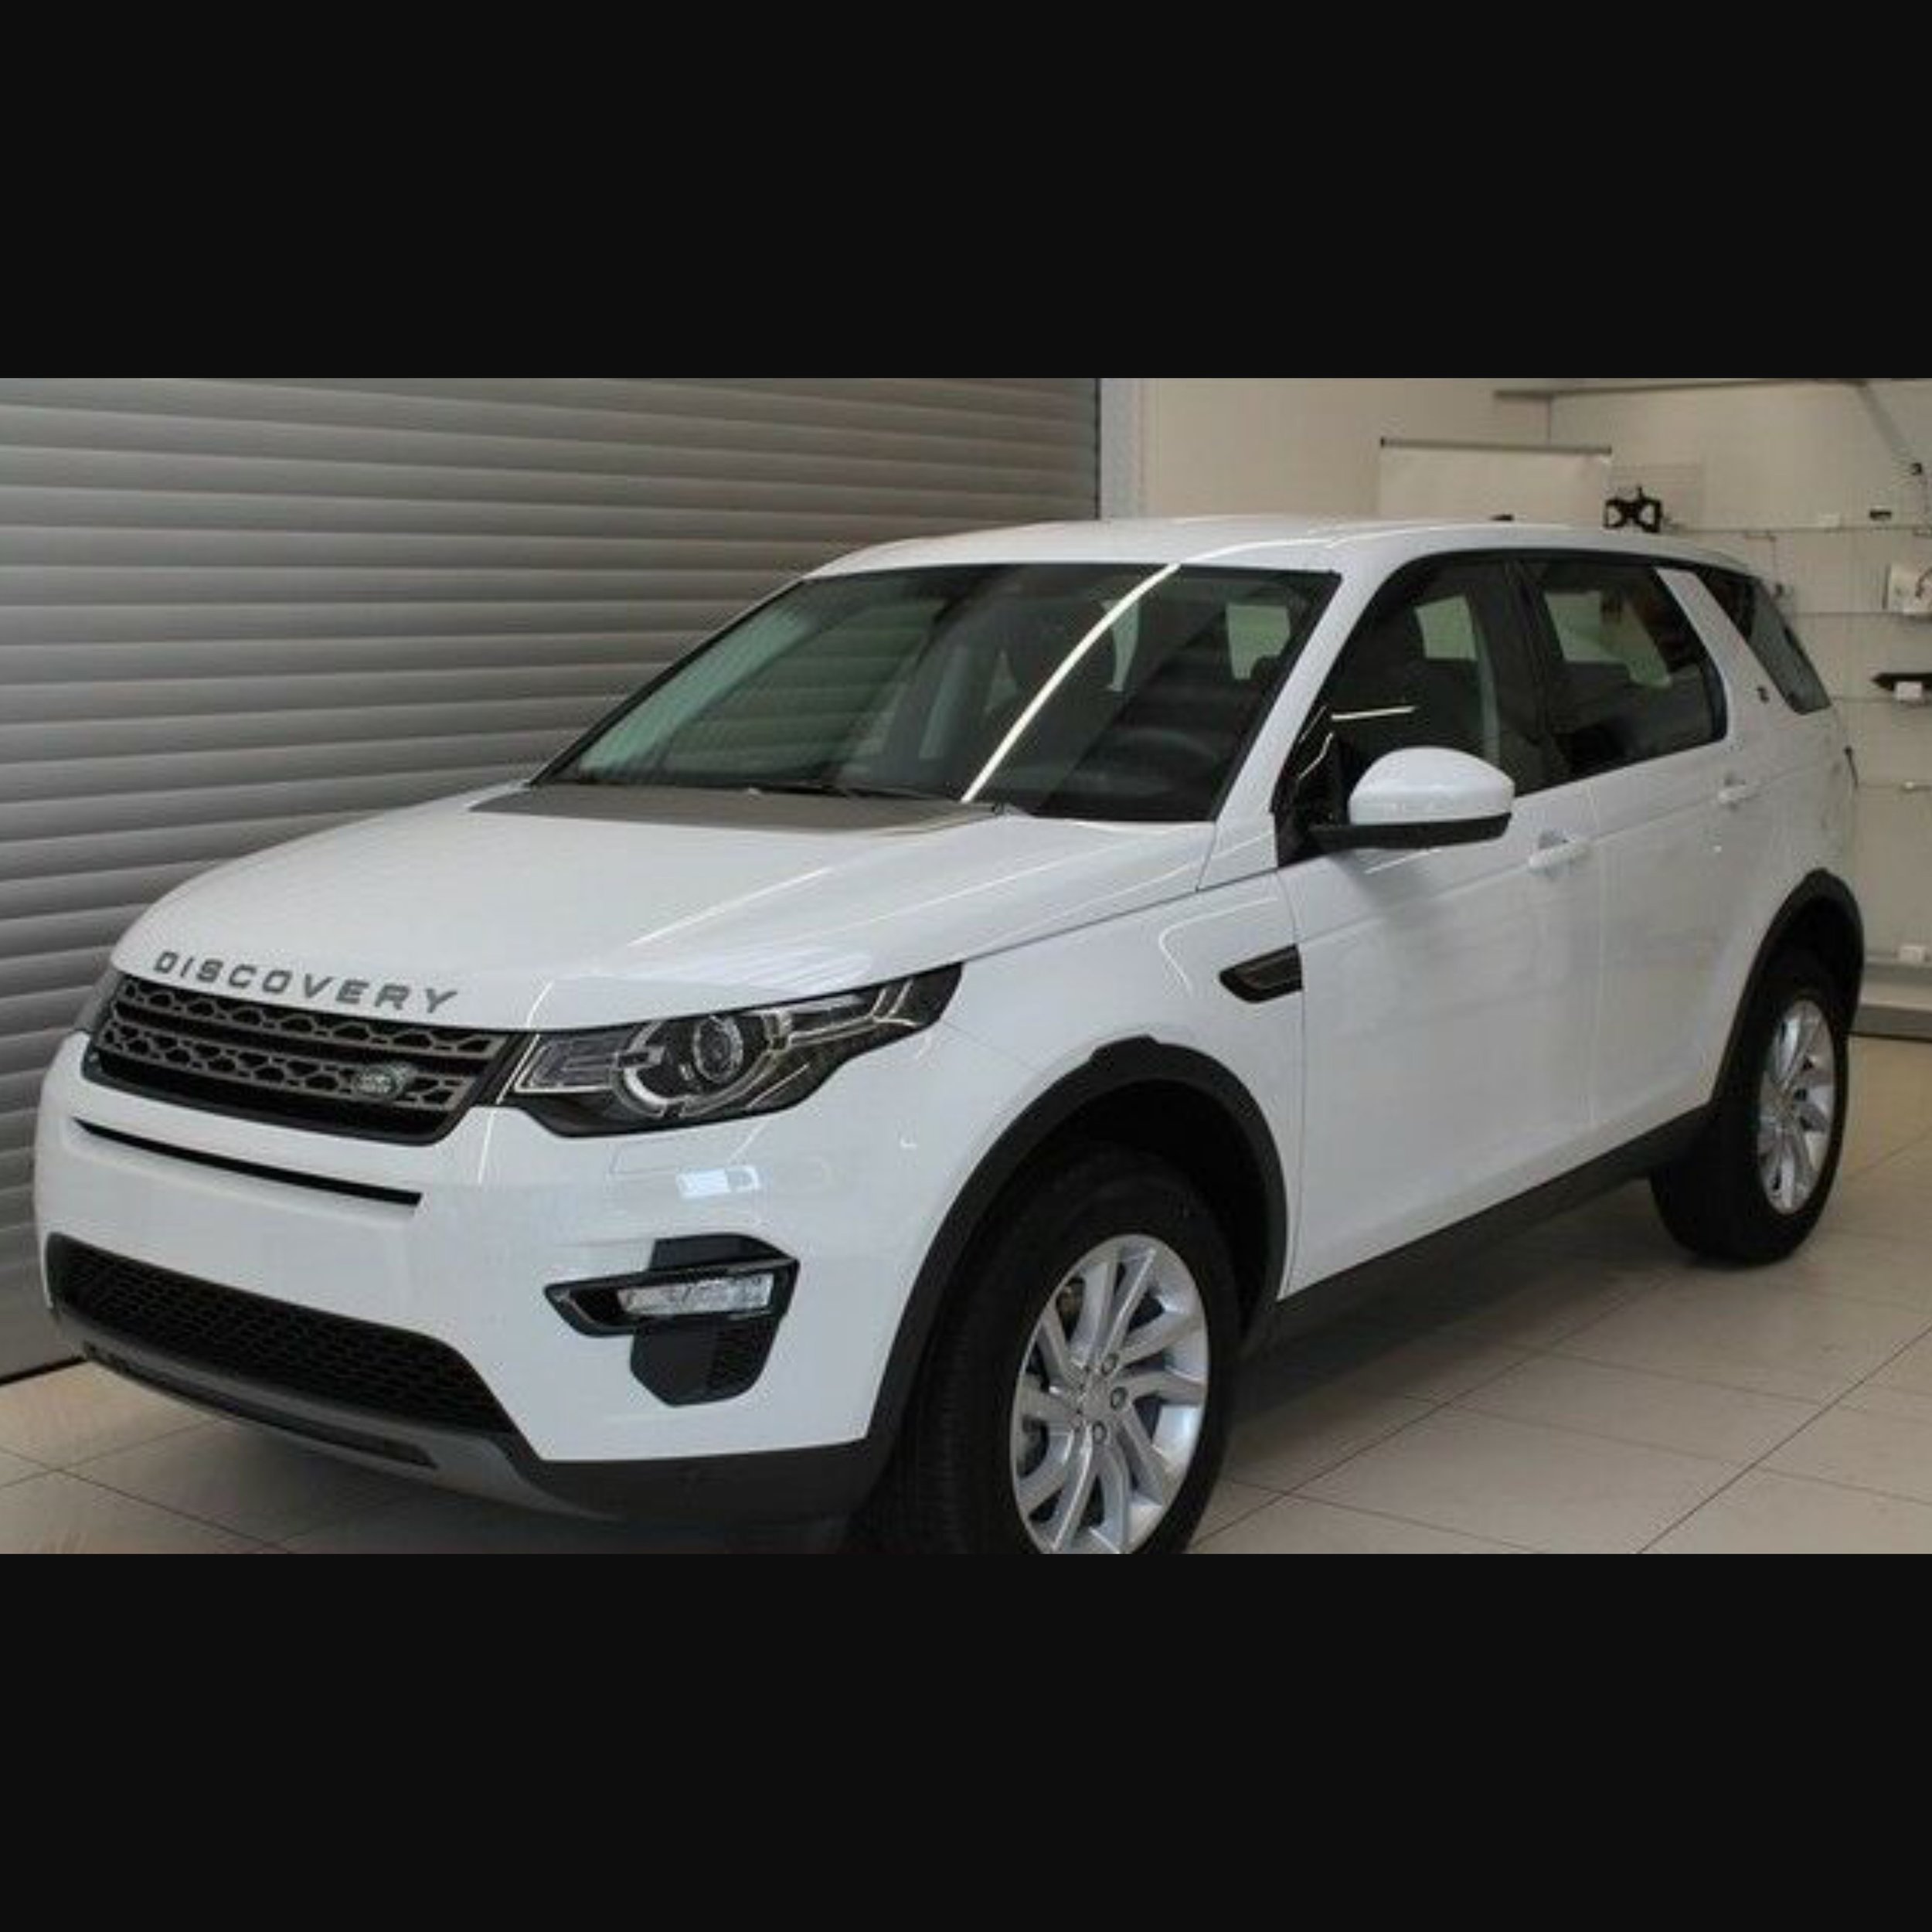 Land Rover Discovery Sport TD4 SE (179 PS)375,00€ / Monat (brutto) - *Privat- und Gewerbekunden*alle Werte inkl. der jeweiligen Umsatzsteuer